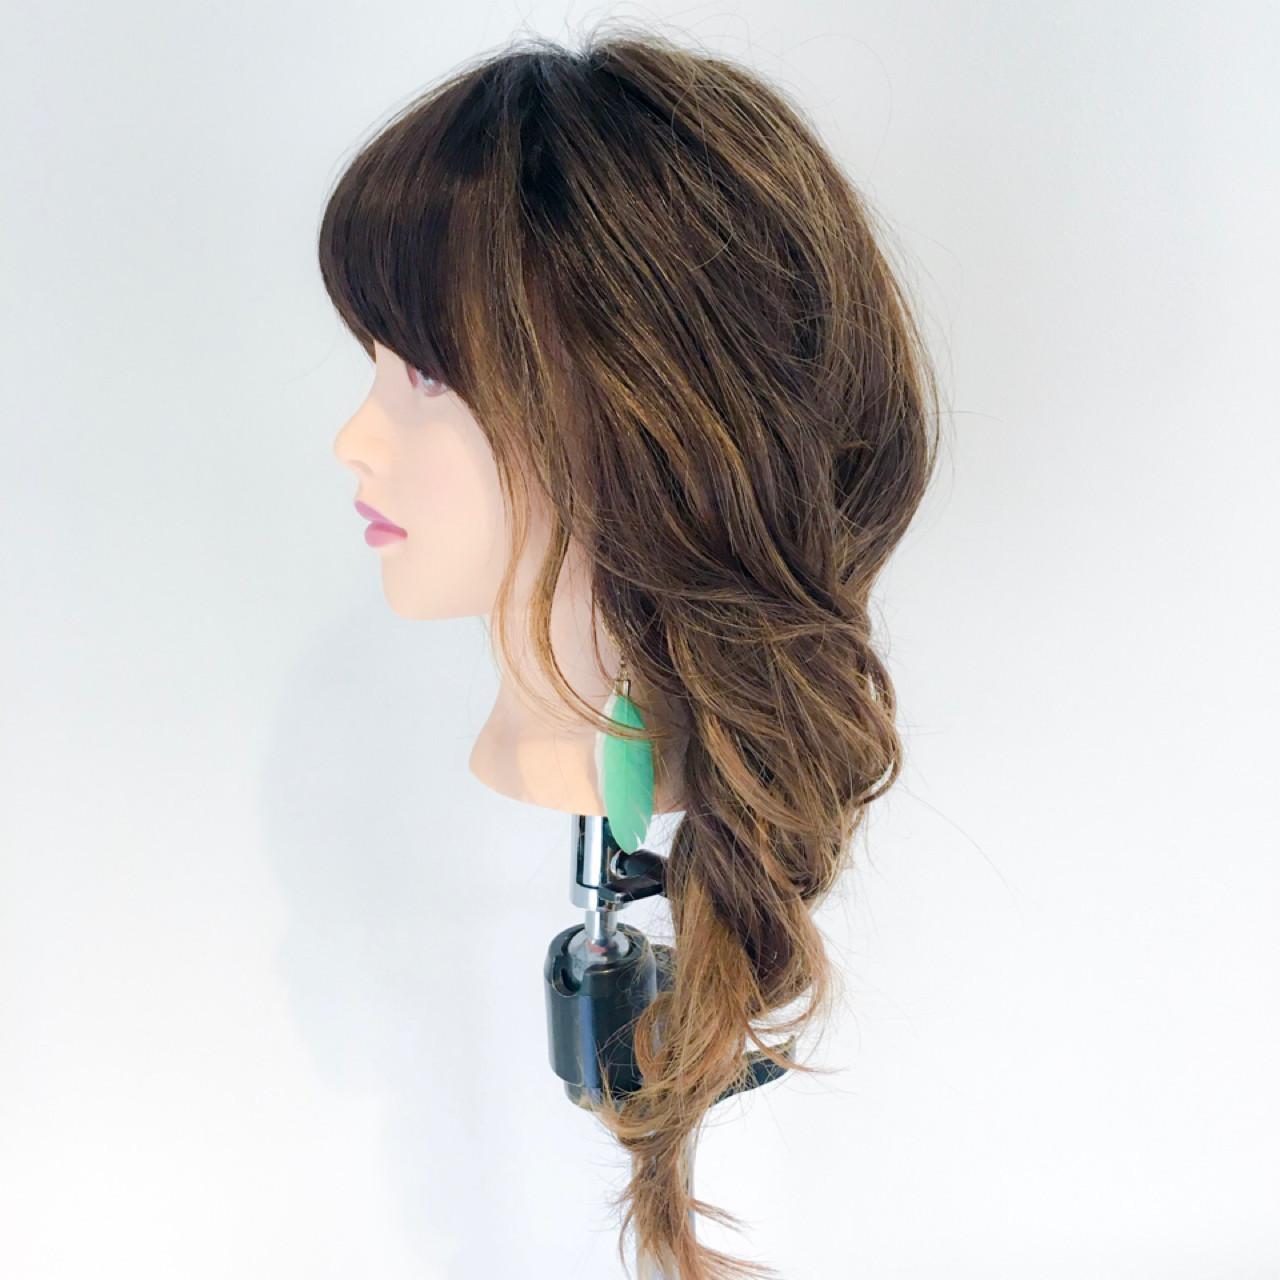 簡単ヘアアレンジ フェミニン ヘアアレンジ 麦わら帽子 ヘアスタイルや髪型の写真・画像